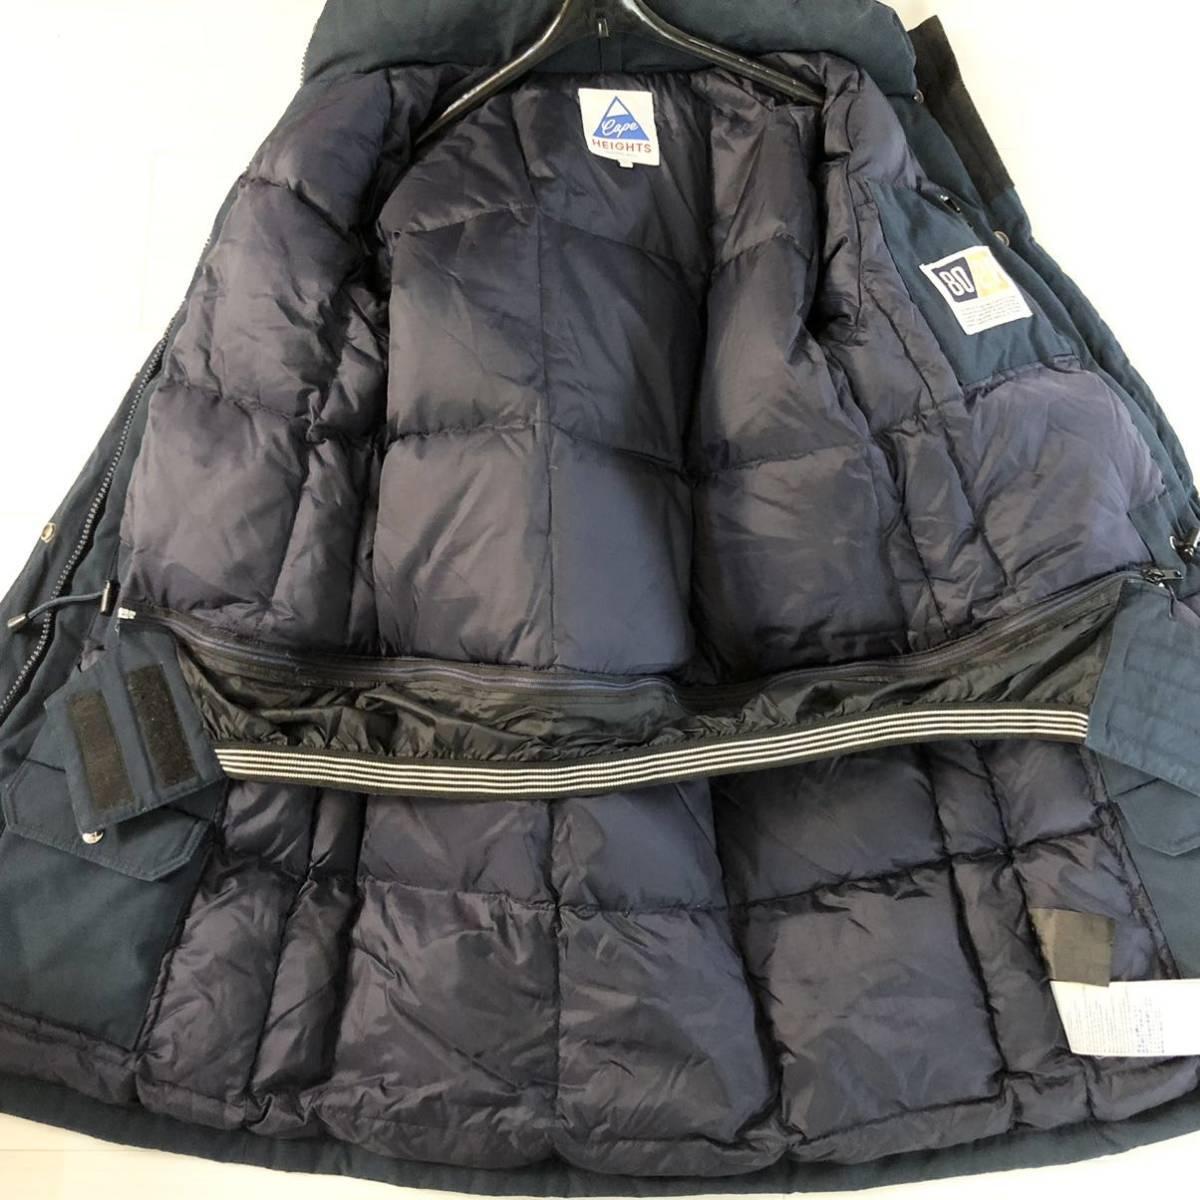 Cape Heights■ケープハイツ■BRIGHTWOOD Mountain Jacket■S ネイビー ダウンジャケット ダウンコート リアルファー